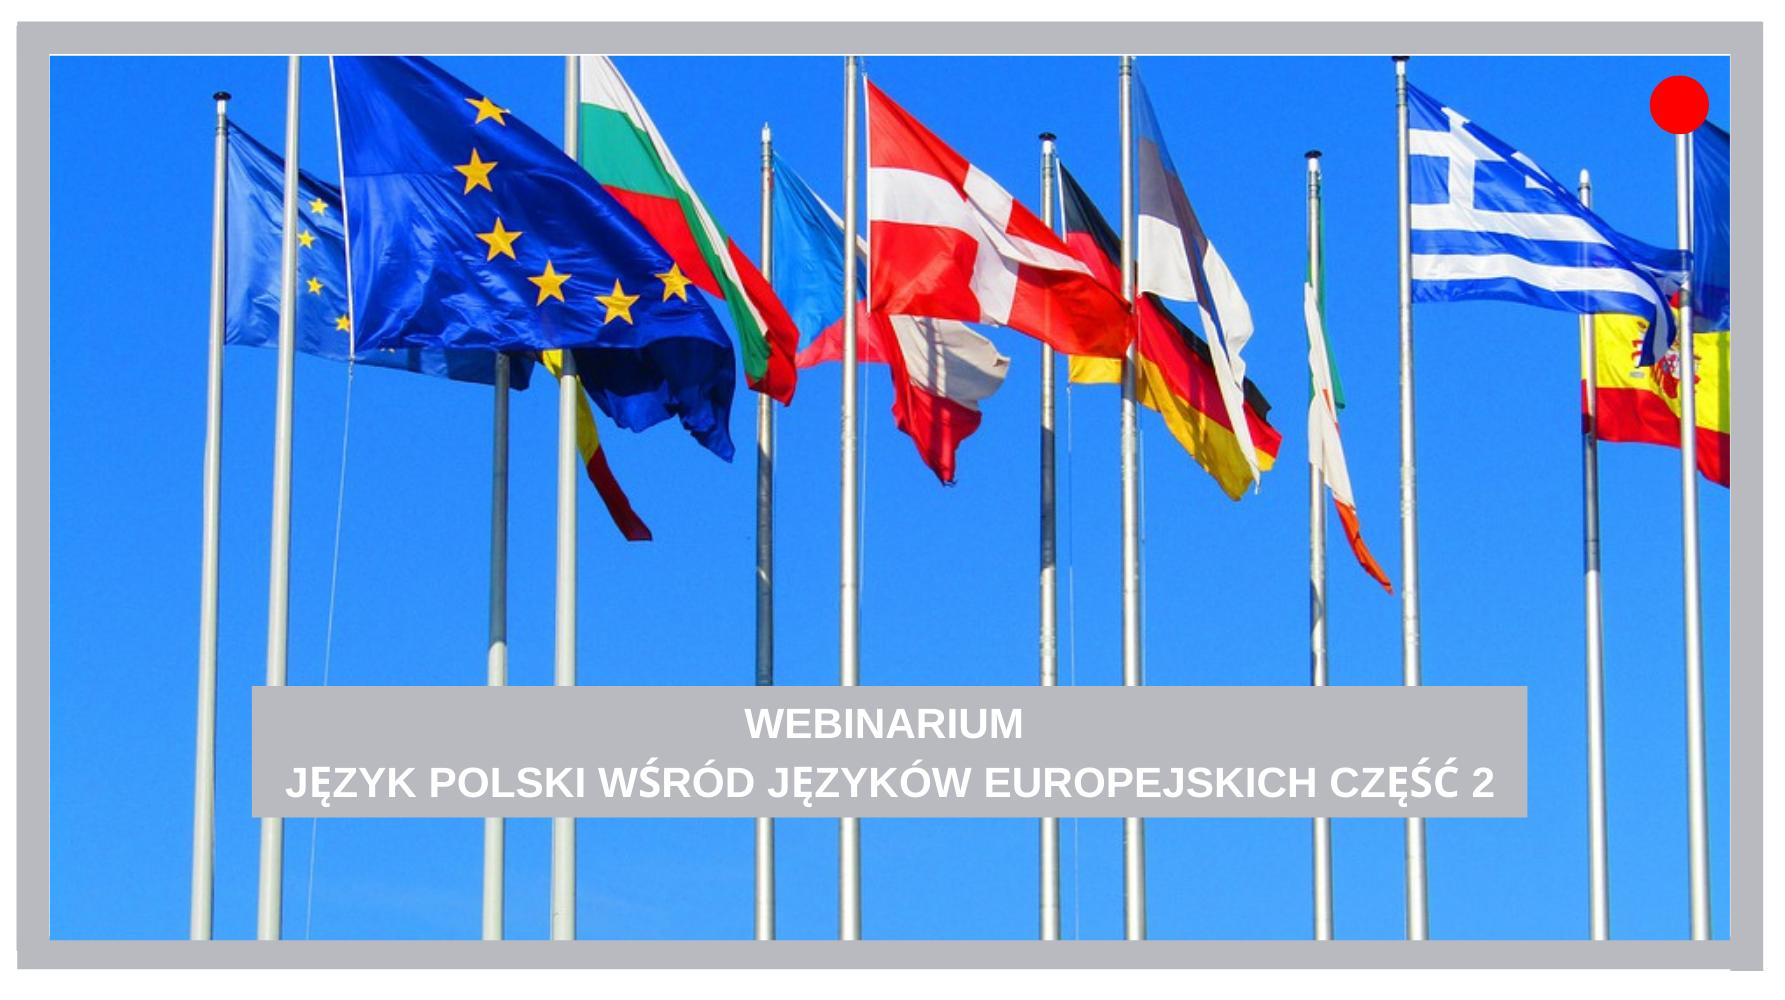 JĘZYK POLSKI WŚRÓD JĘZYKÓW EUROPEJSKICH 2